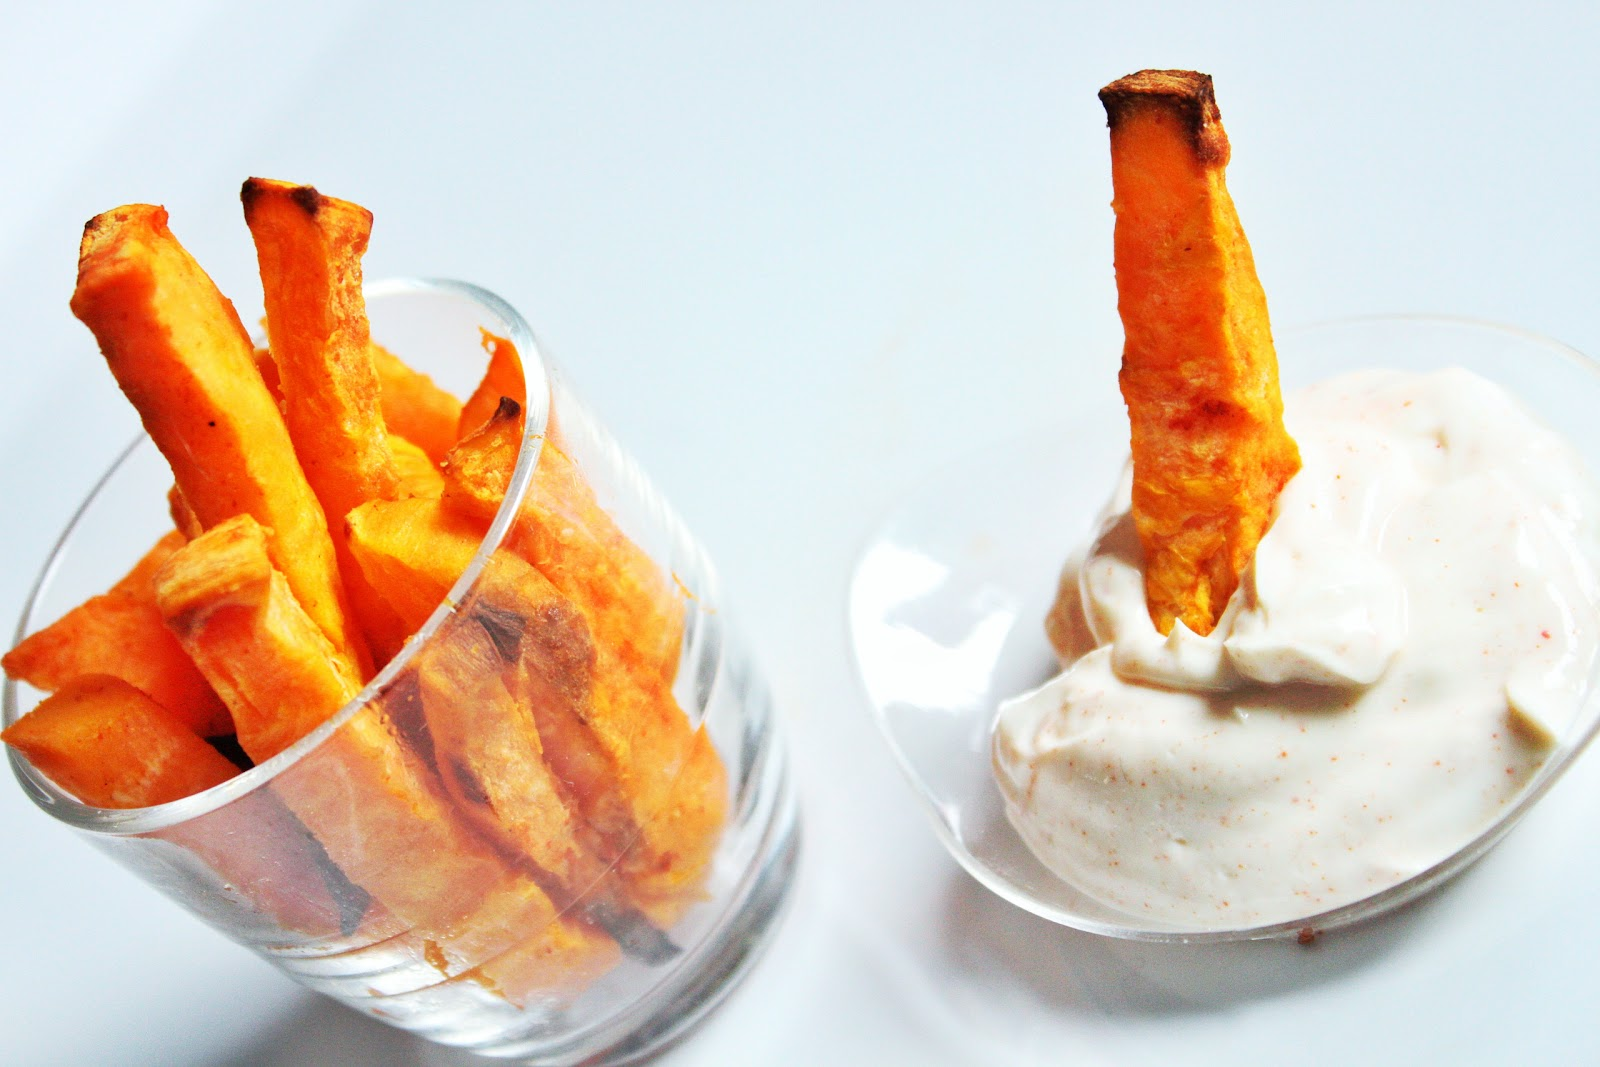 frites de patates douces au paprika et leur petite sauce. Black Bedroom Furniture Sets. Home Design Ideas